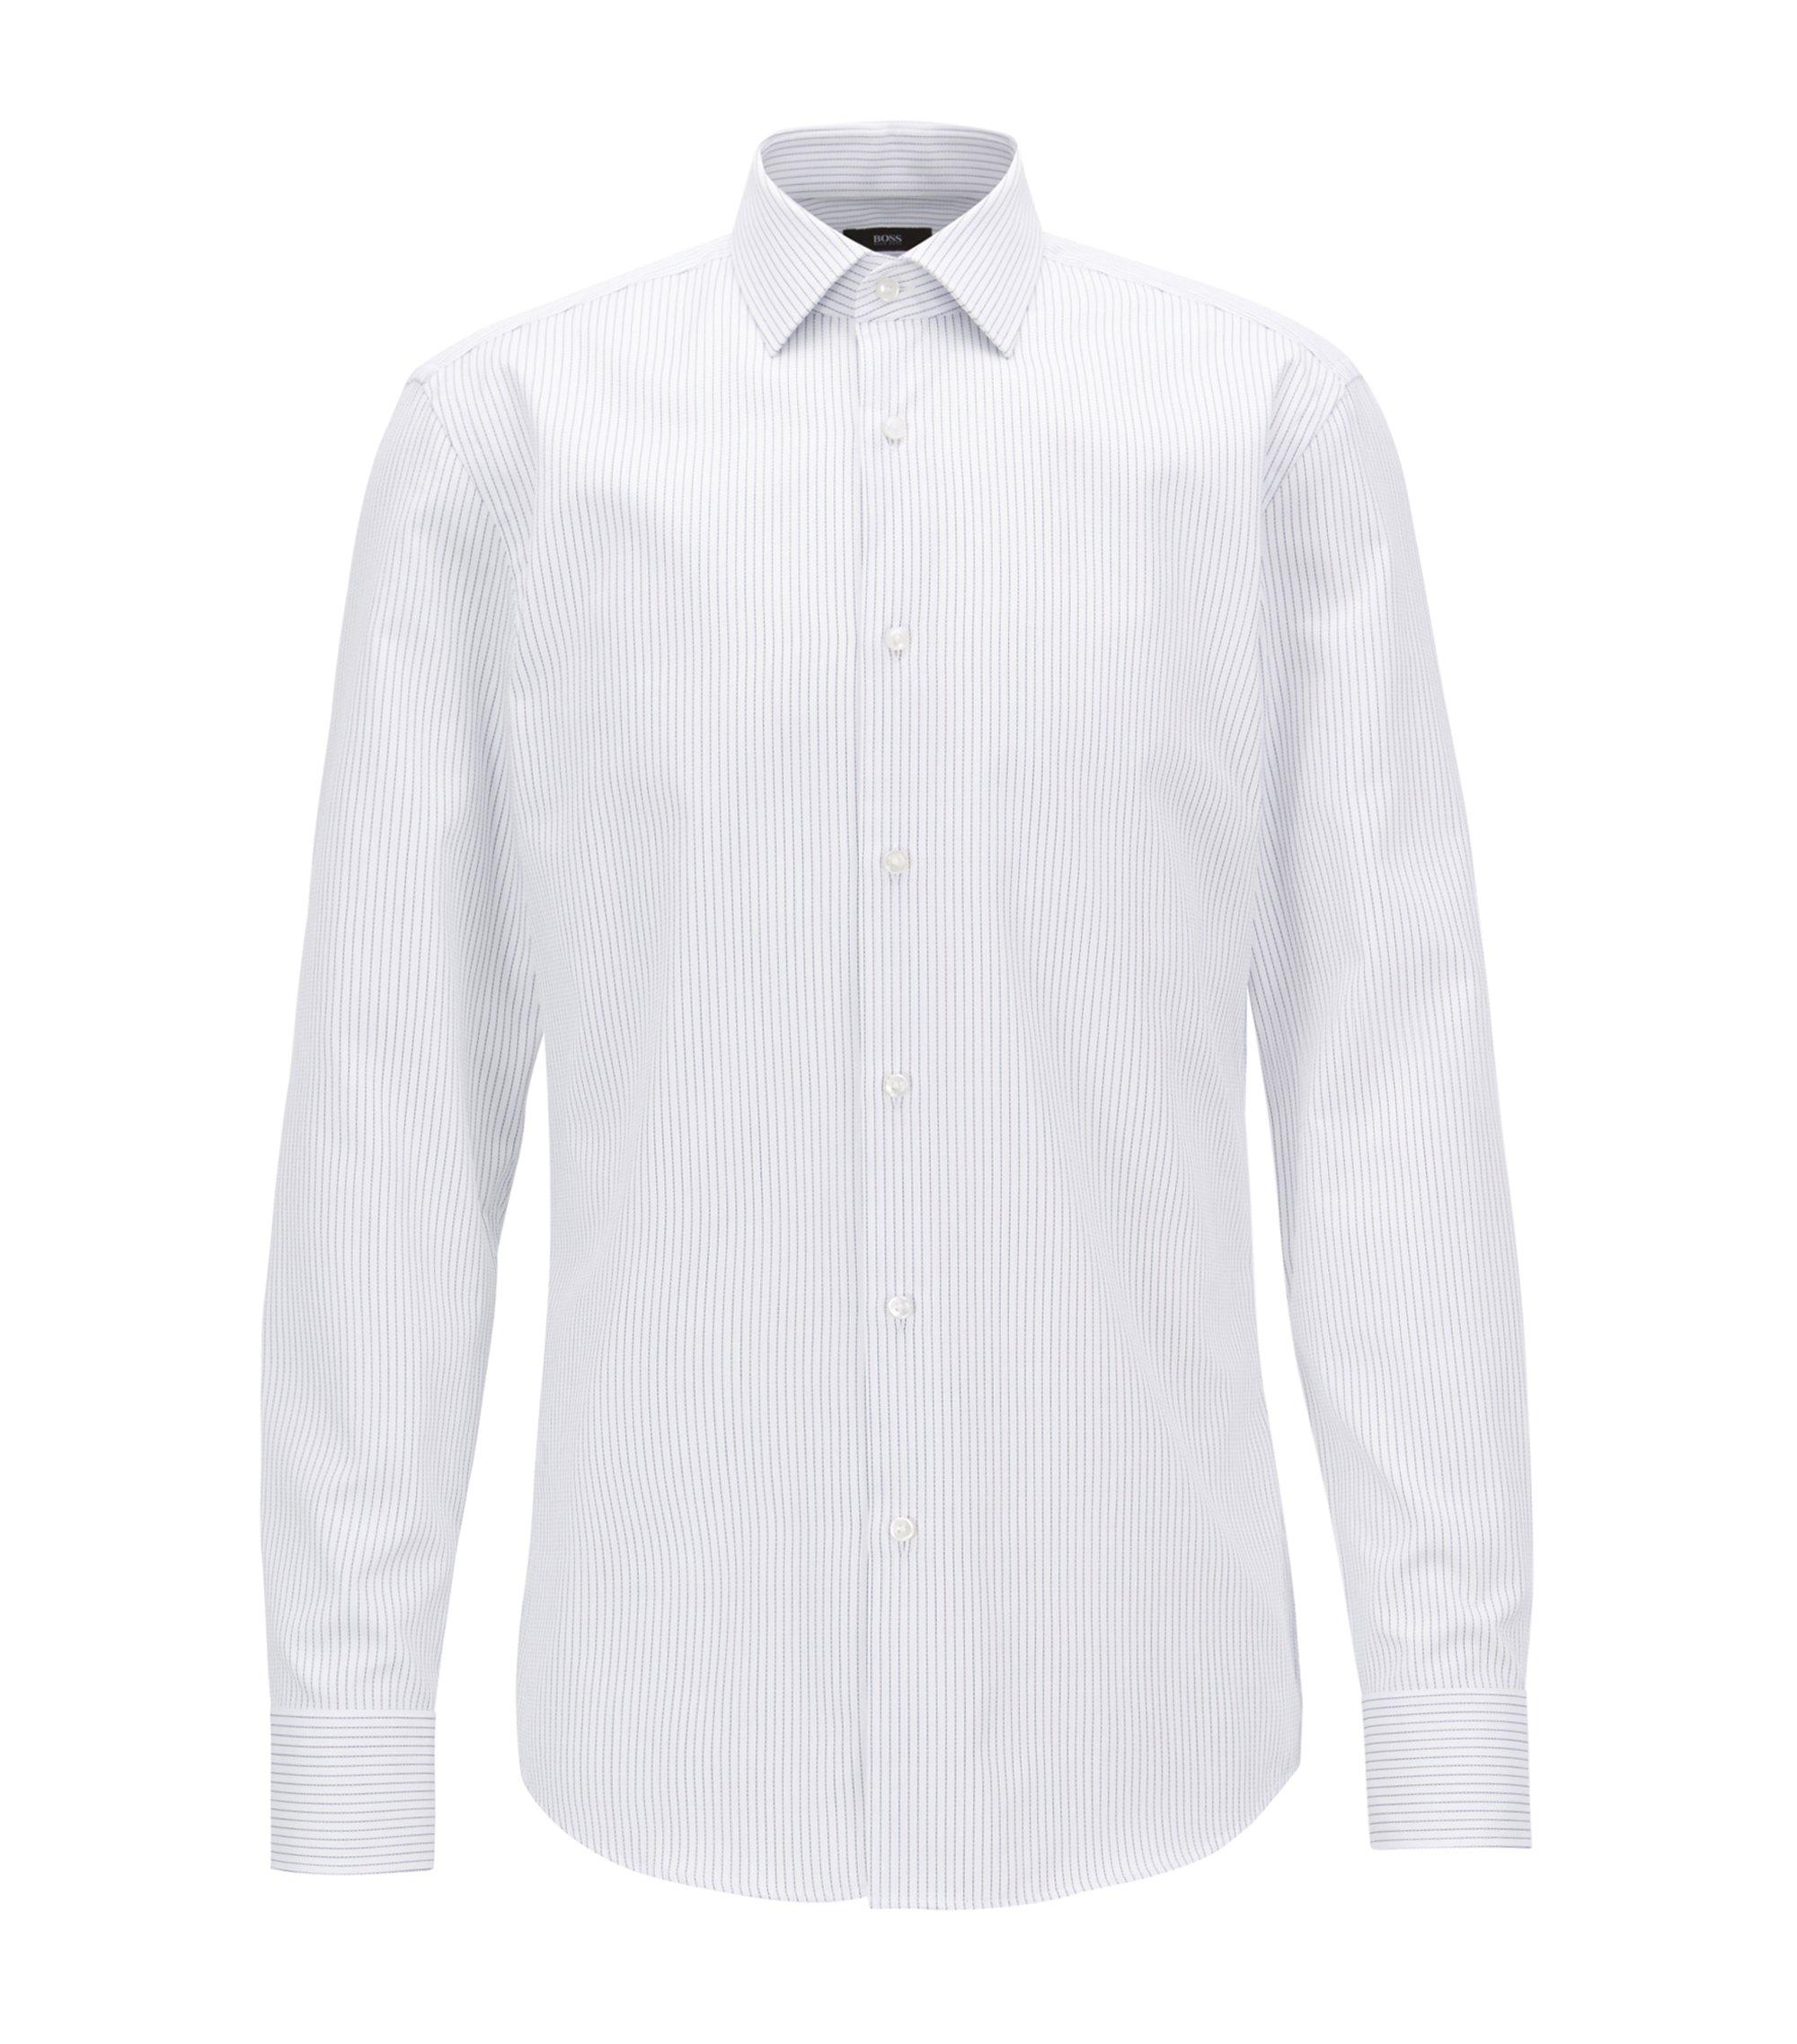 Slim-Fit Hemd aus dezent strukturierter Baumwolle mit Streifen-Muster, Weiß